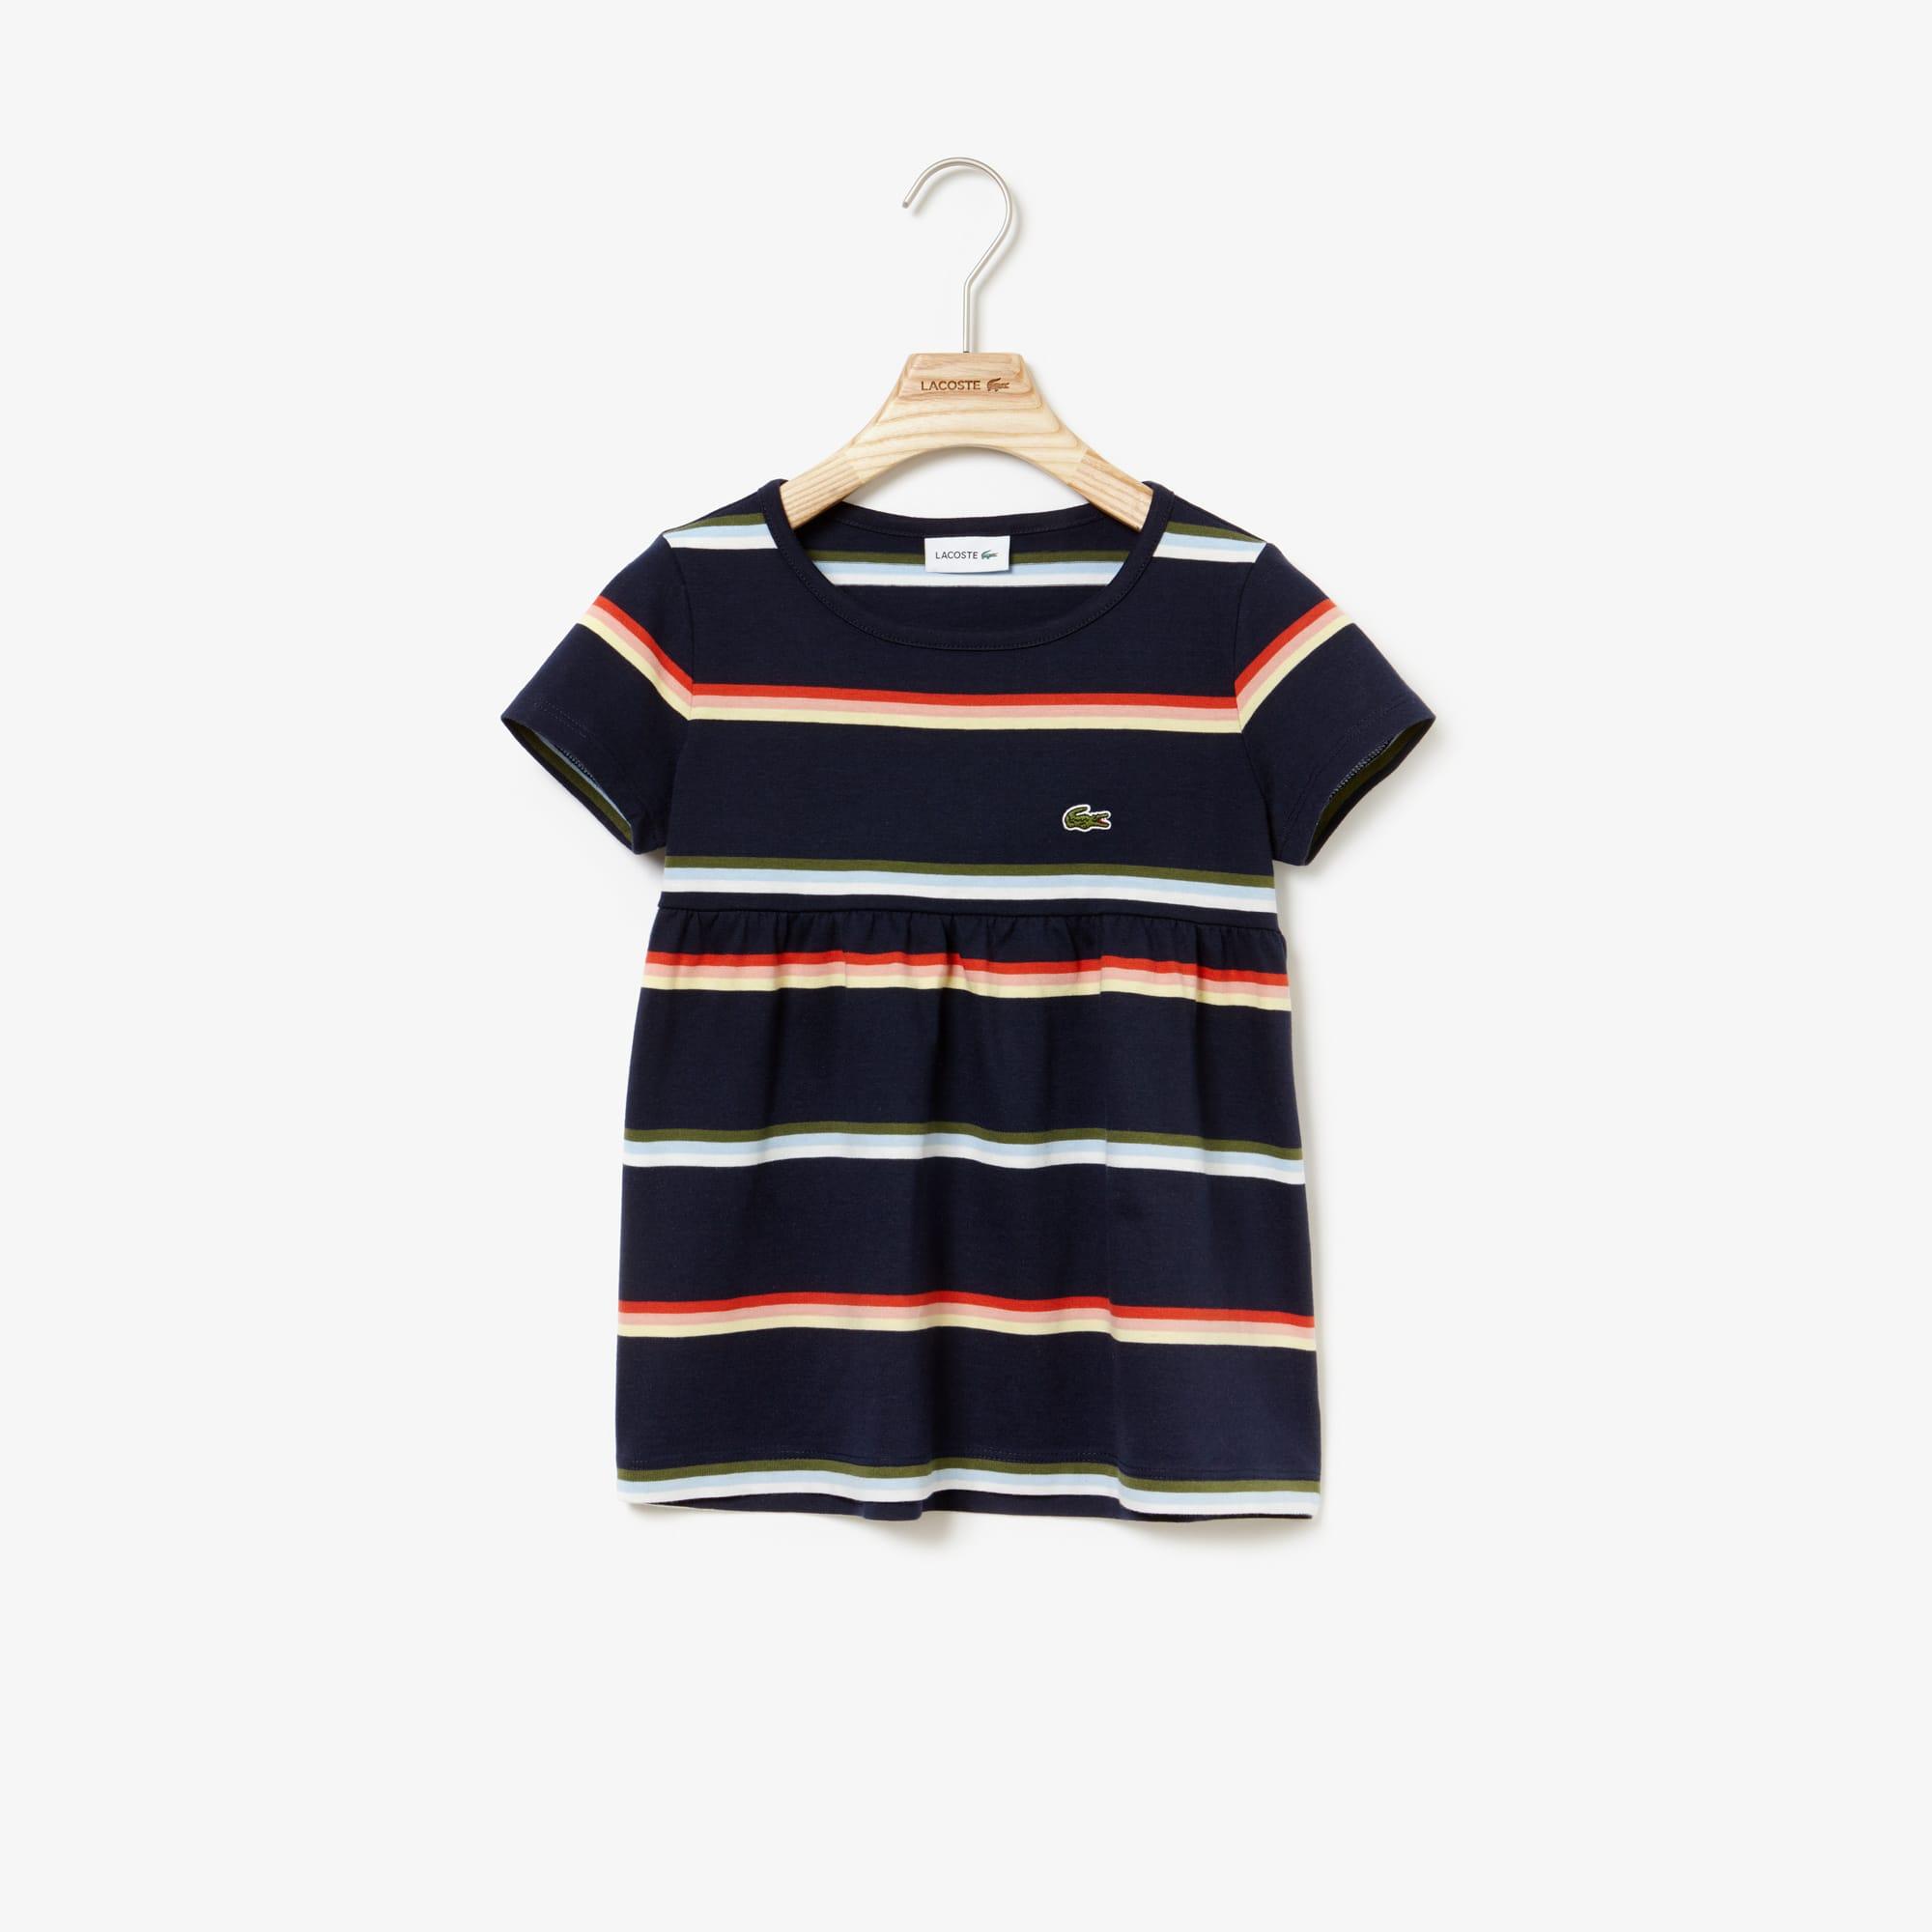 Girls' Crew Neck Cotton And Linen Jersey T-shirt